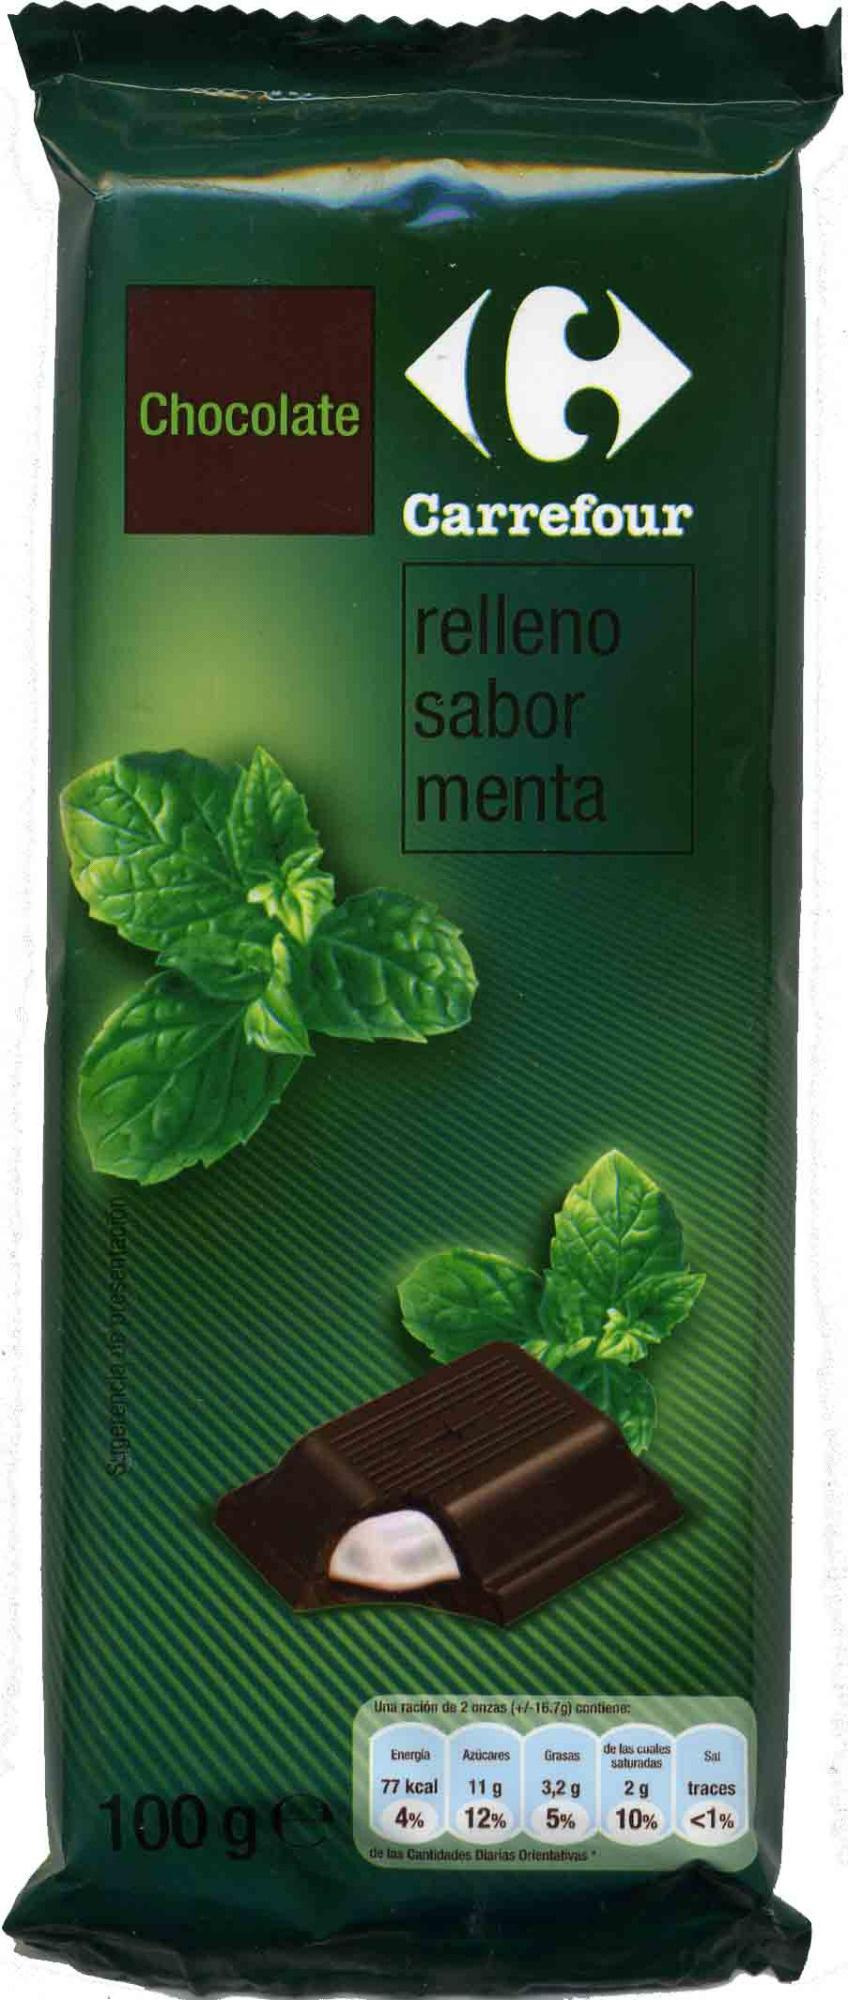 Tableta de chocolate relleno sabor menta - Product - es